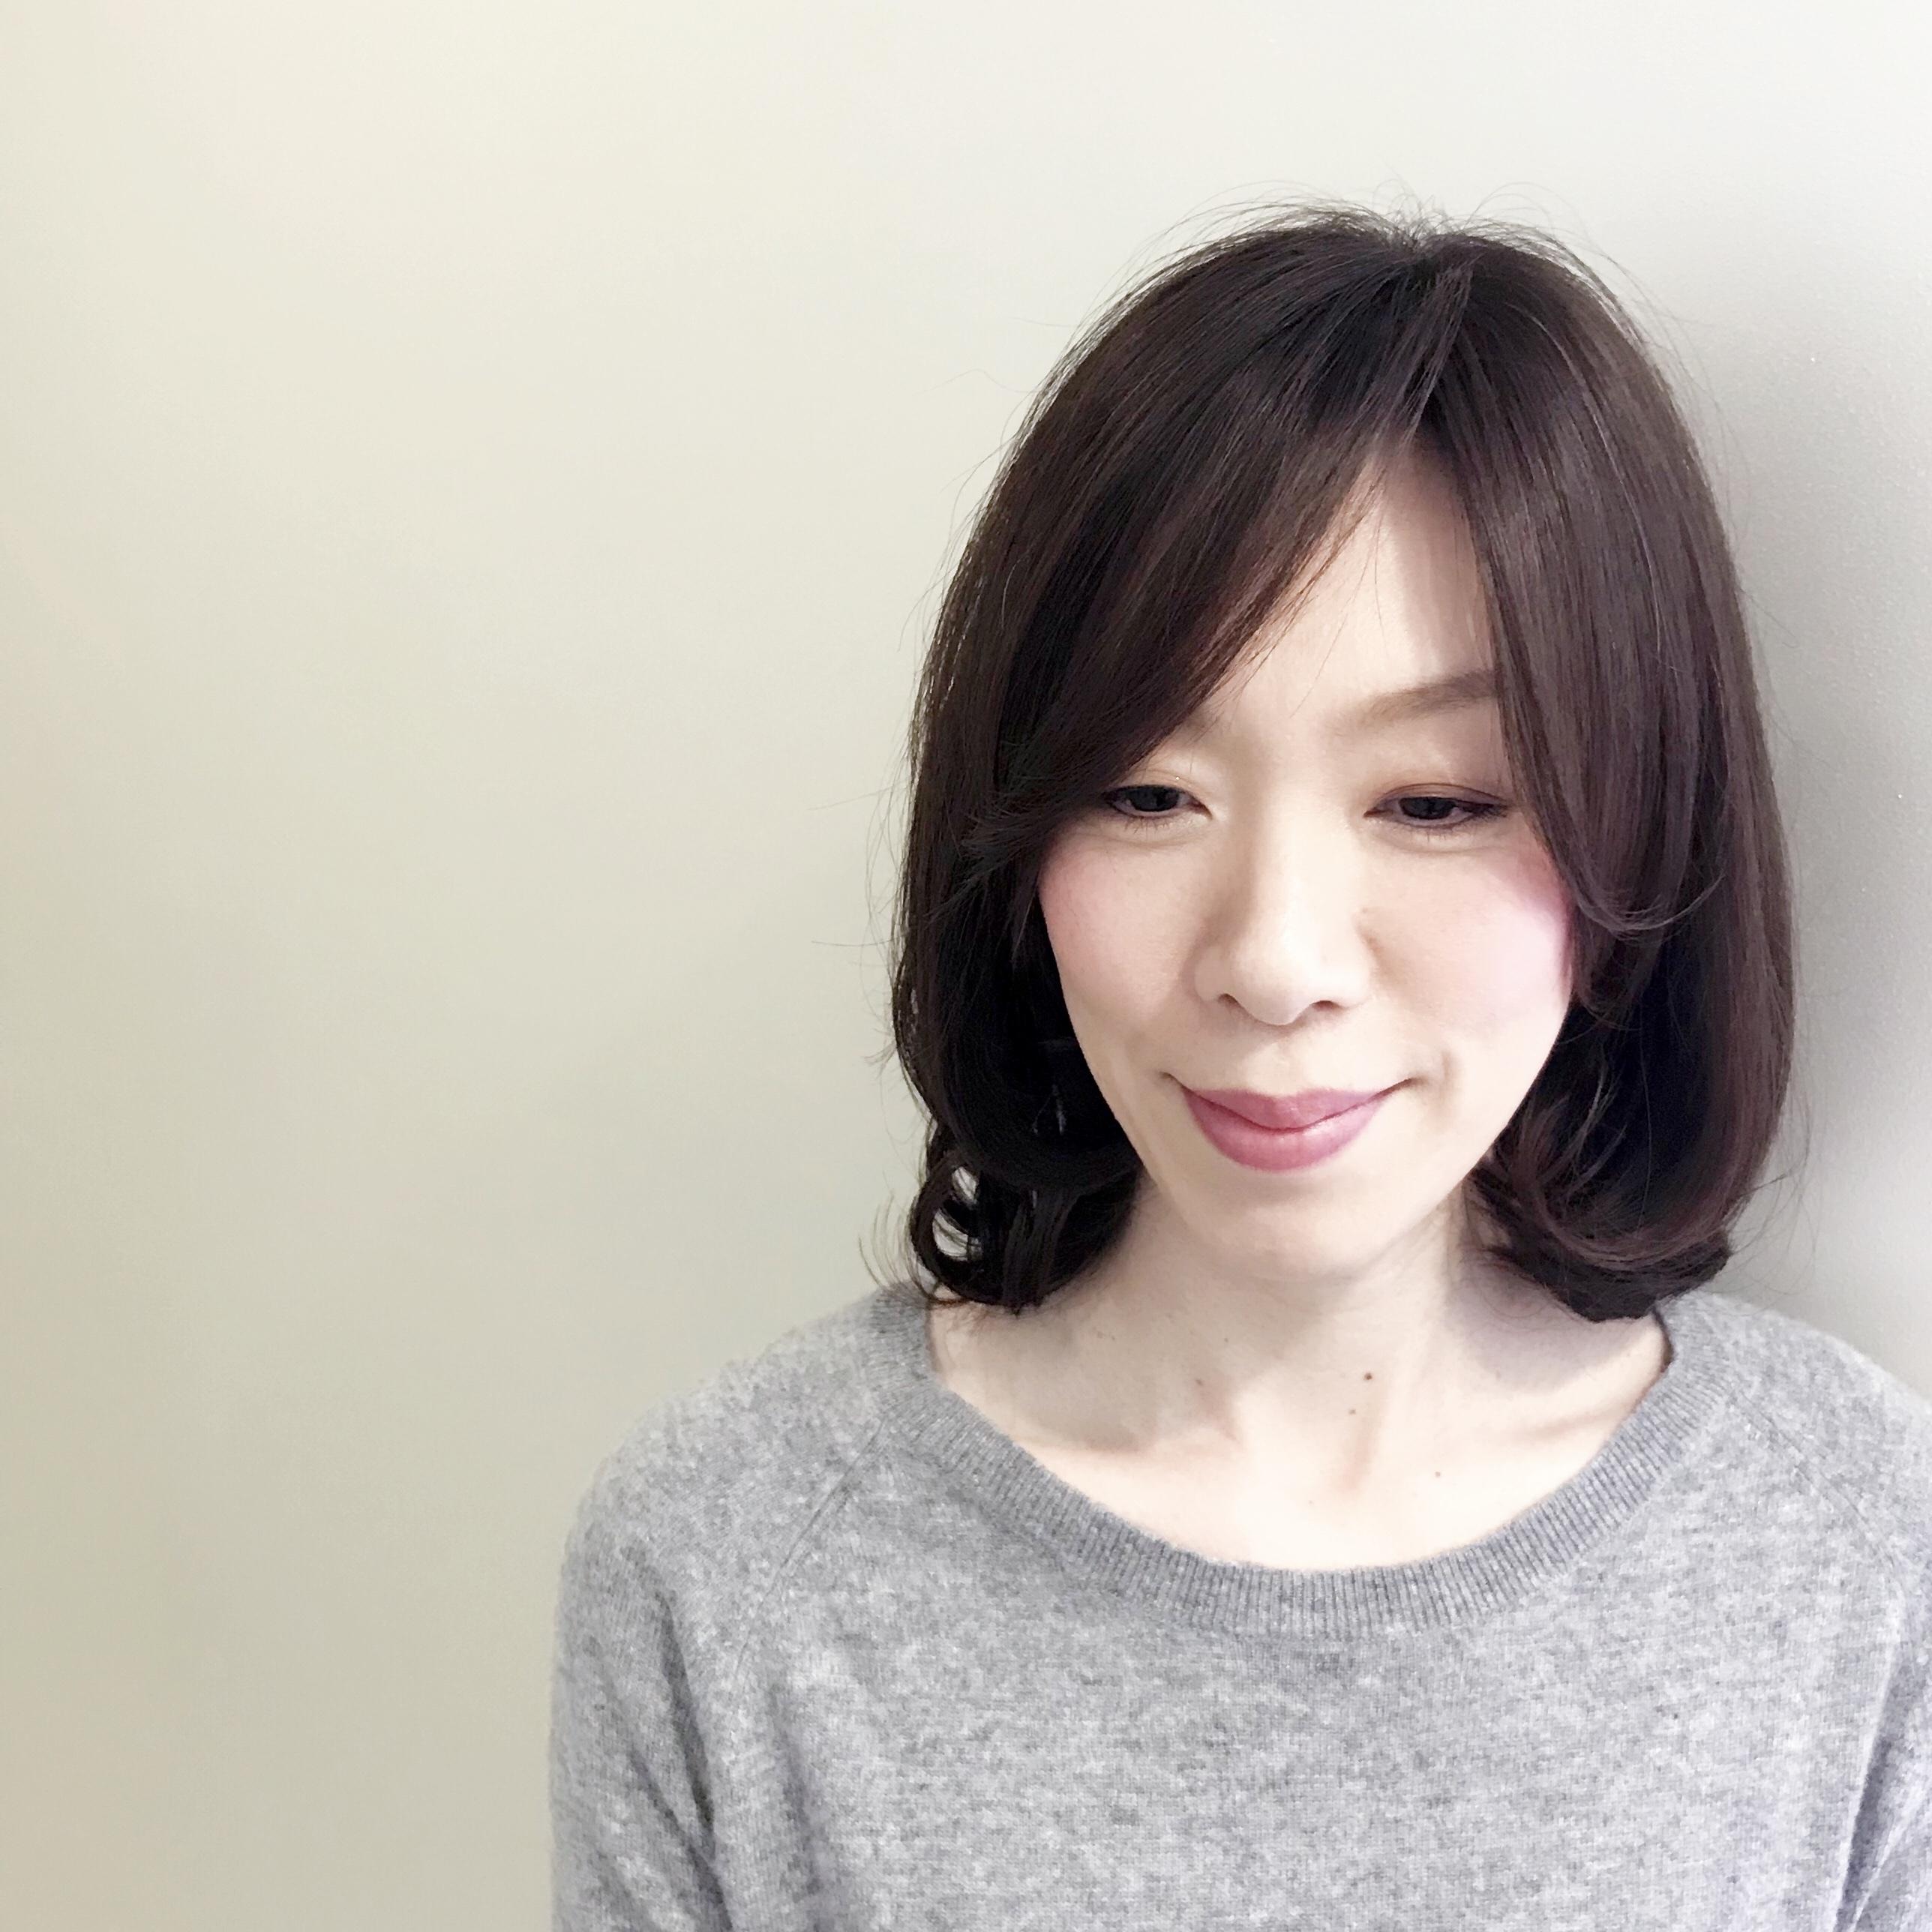 冬髪はゆれ髪。ちょこっとレイヤー&ゆる巻きで女っぷり上々!(たぶん。笑)_1_1-1